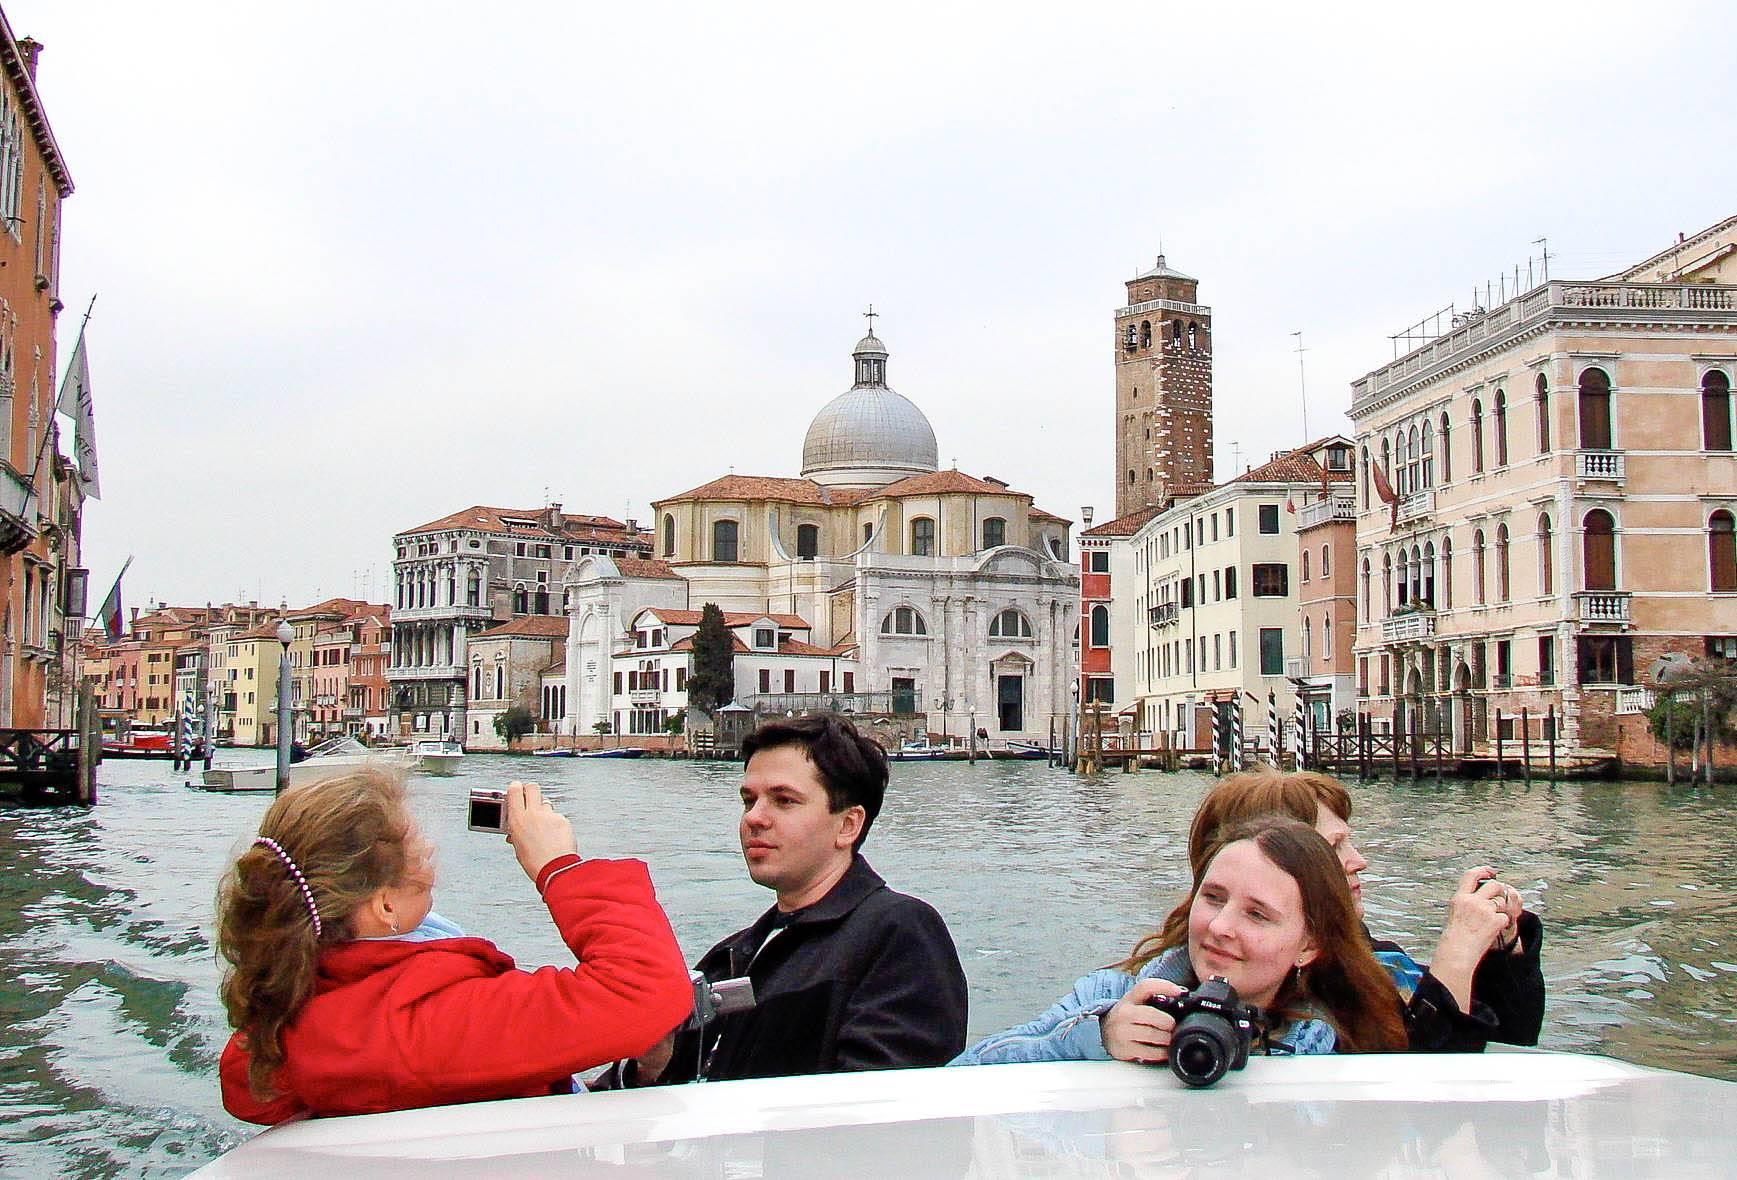 Маршрут путешествия по италии самостоятельно из милана